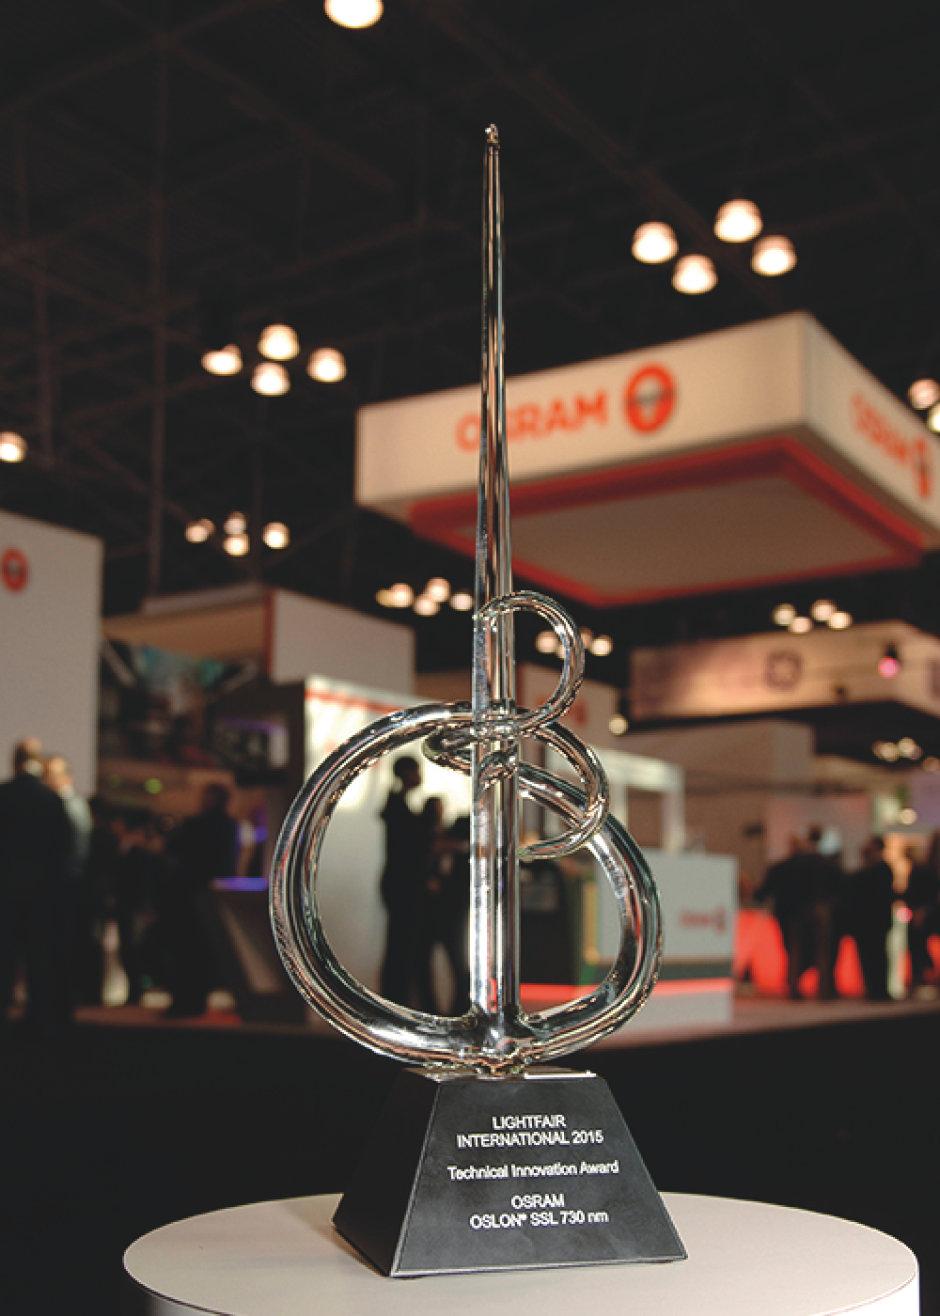 オスラム Oslon SSL 730nm、LIGHTFAIR International 2015で2つのイノベーションアワードを受賞